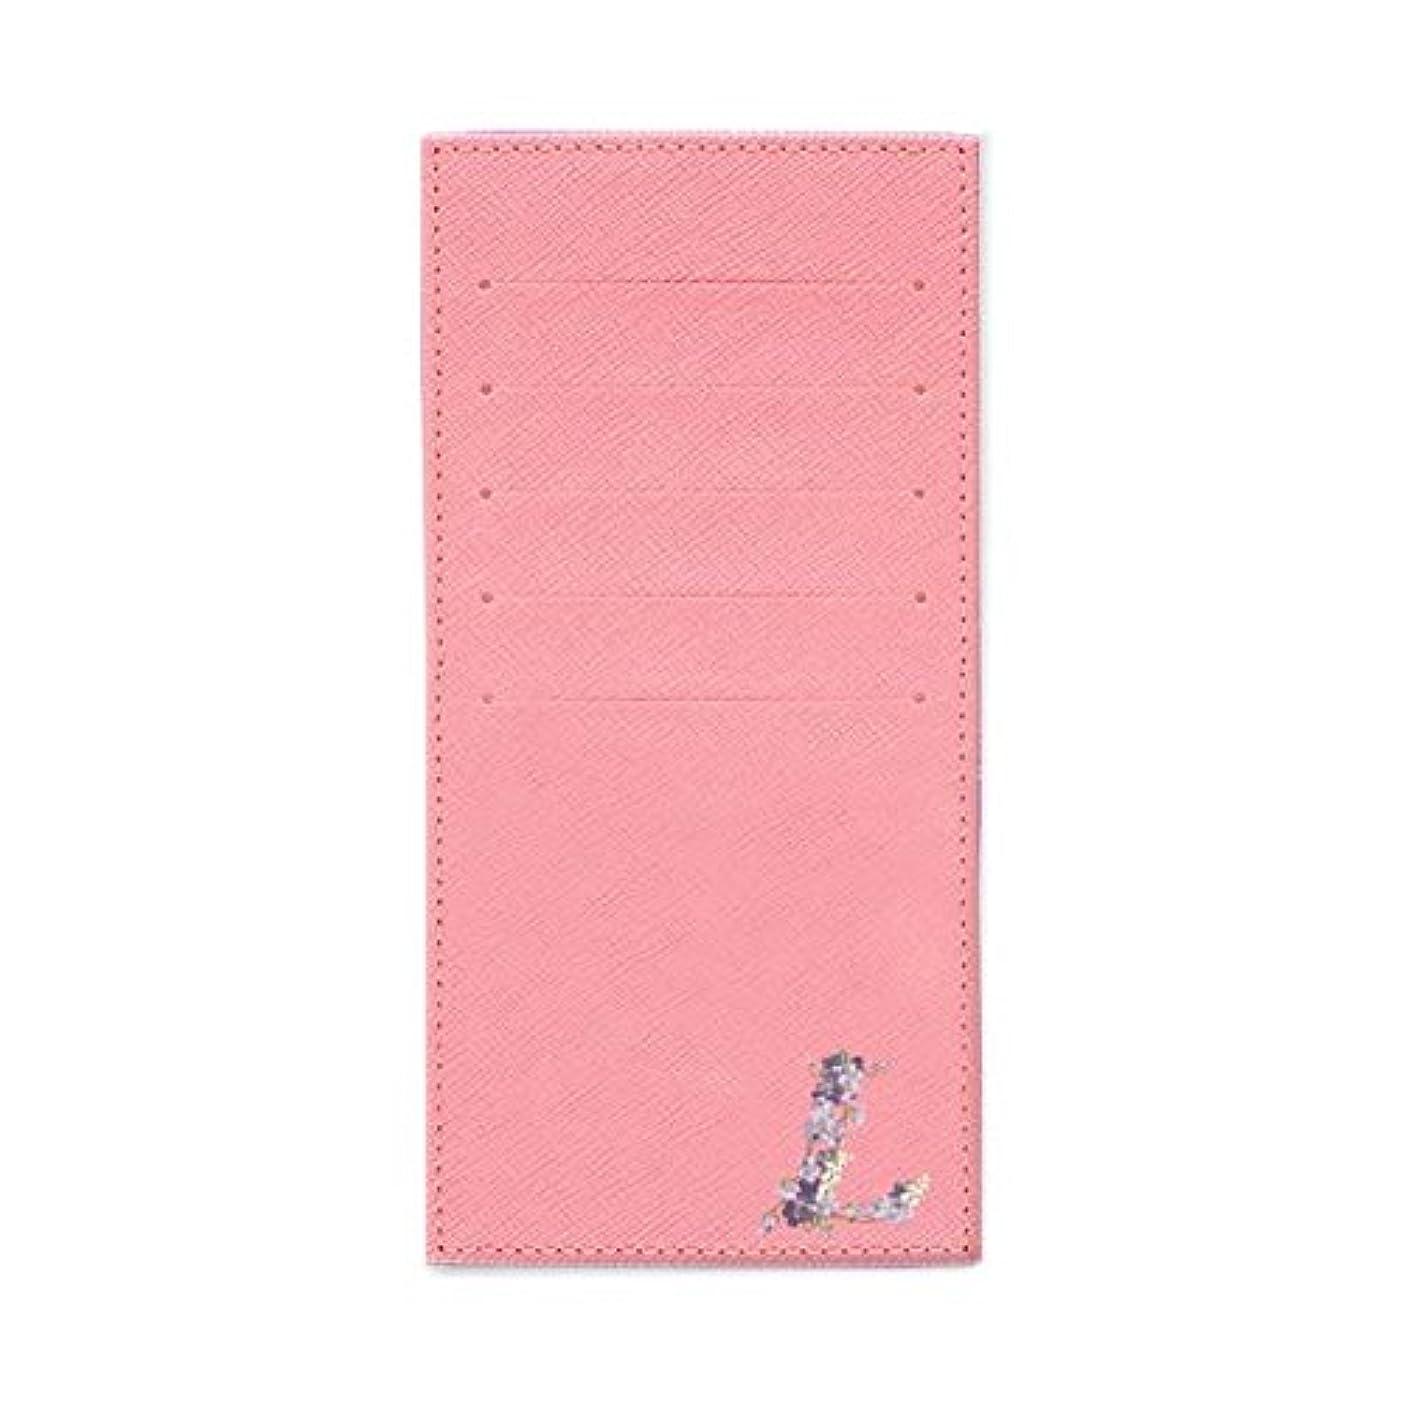 ハンバーガー派生する割り込みインナーカードケース 長財布用カードケース 10枚収納可能 カード入れ 収納 プレゼント ギフト 2800フラワーネーム (L) パウダーピンク mirai